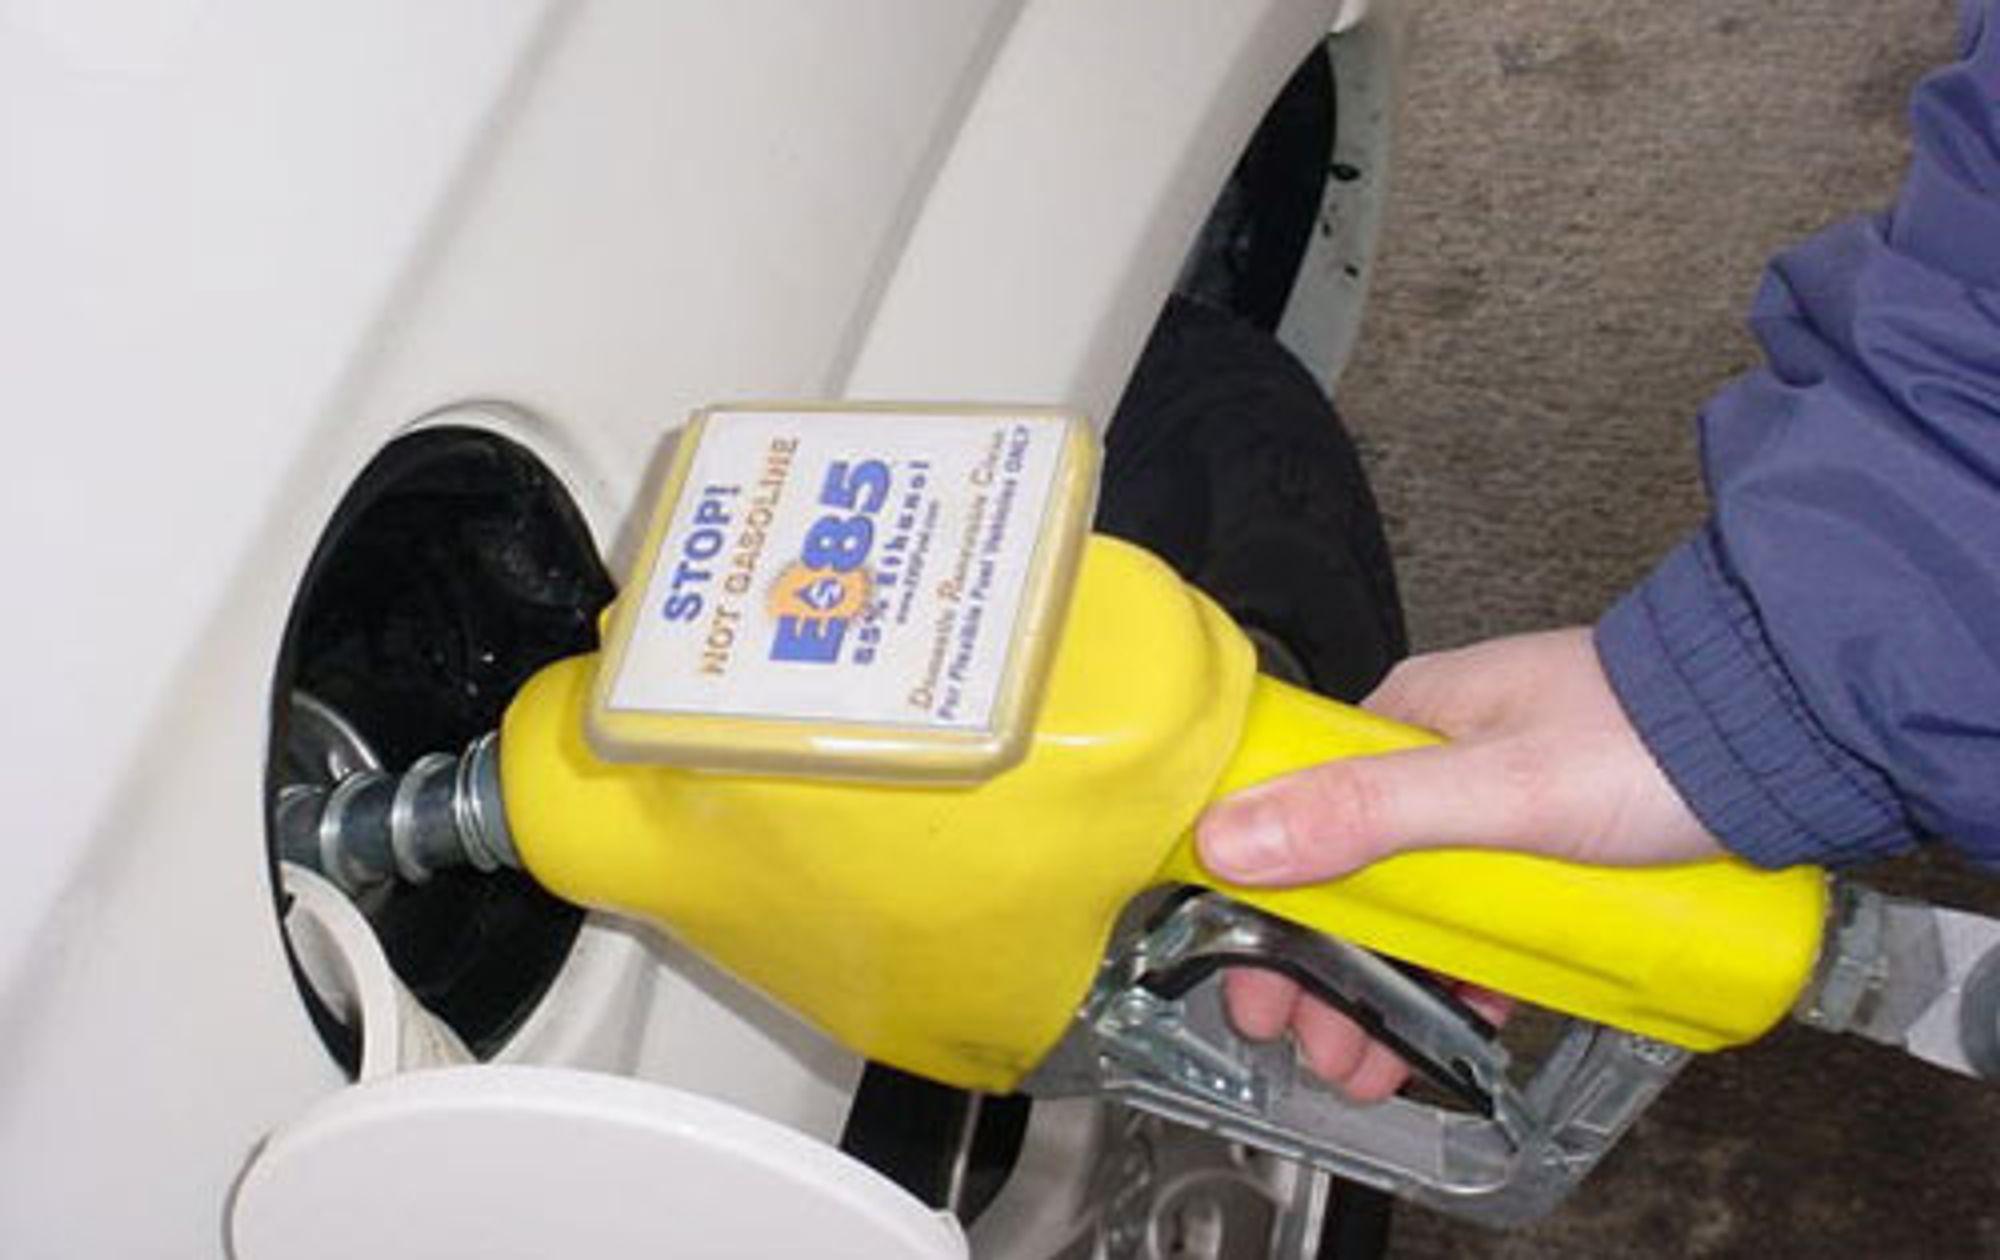 NEKTES MILJØSTEMPEL: Bensin tilsatt bioetanol er ikke et miljøvennlig drivstoff, har Forbukerombudet bestemt.